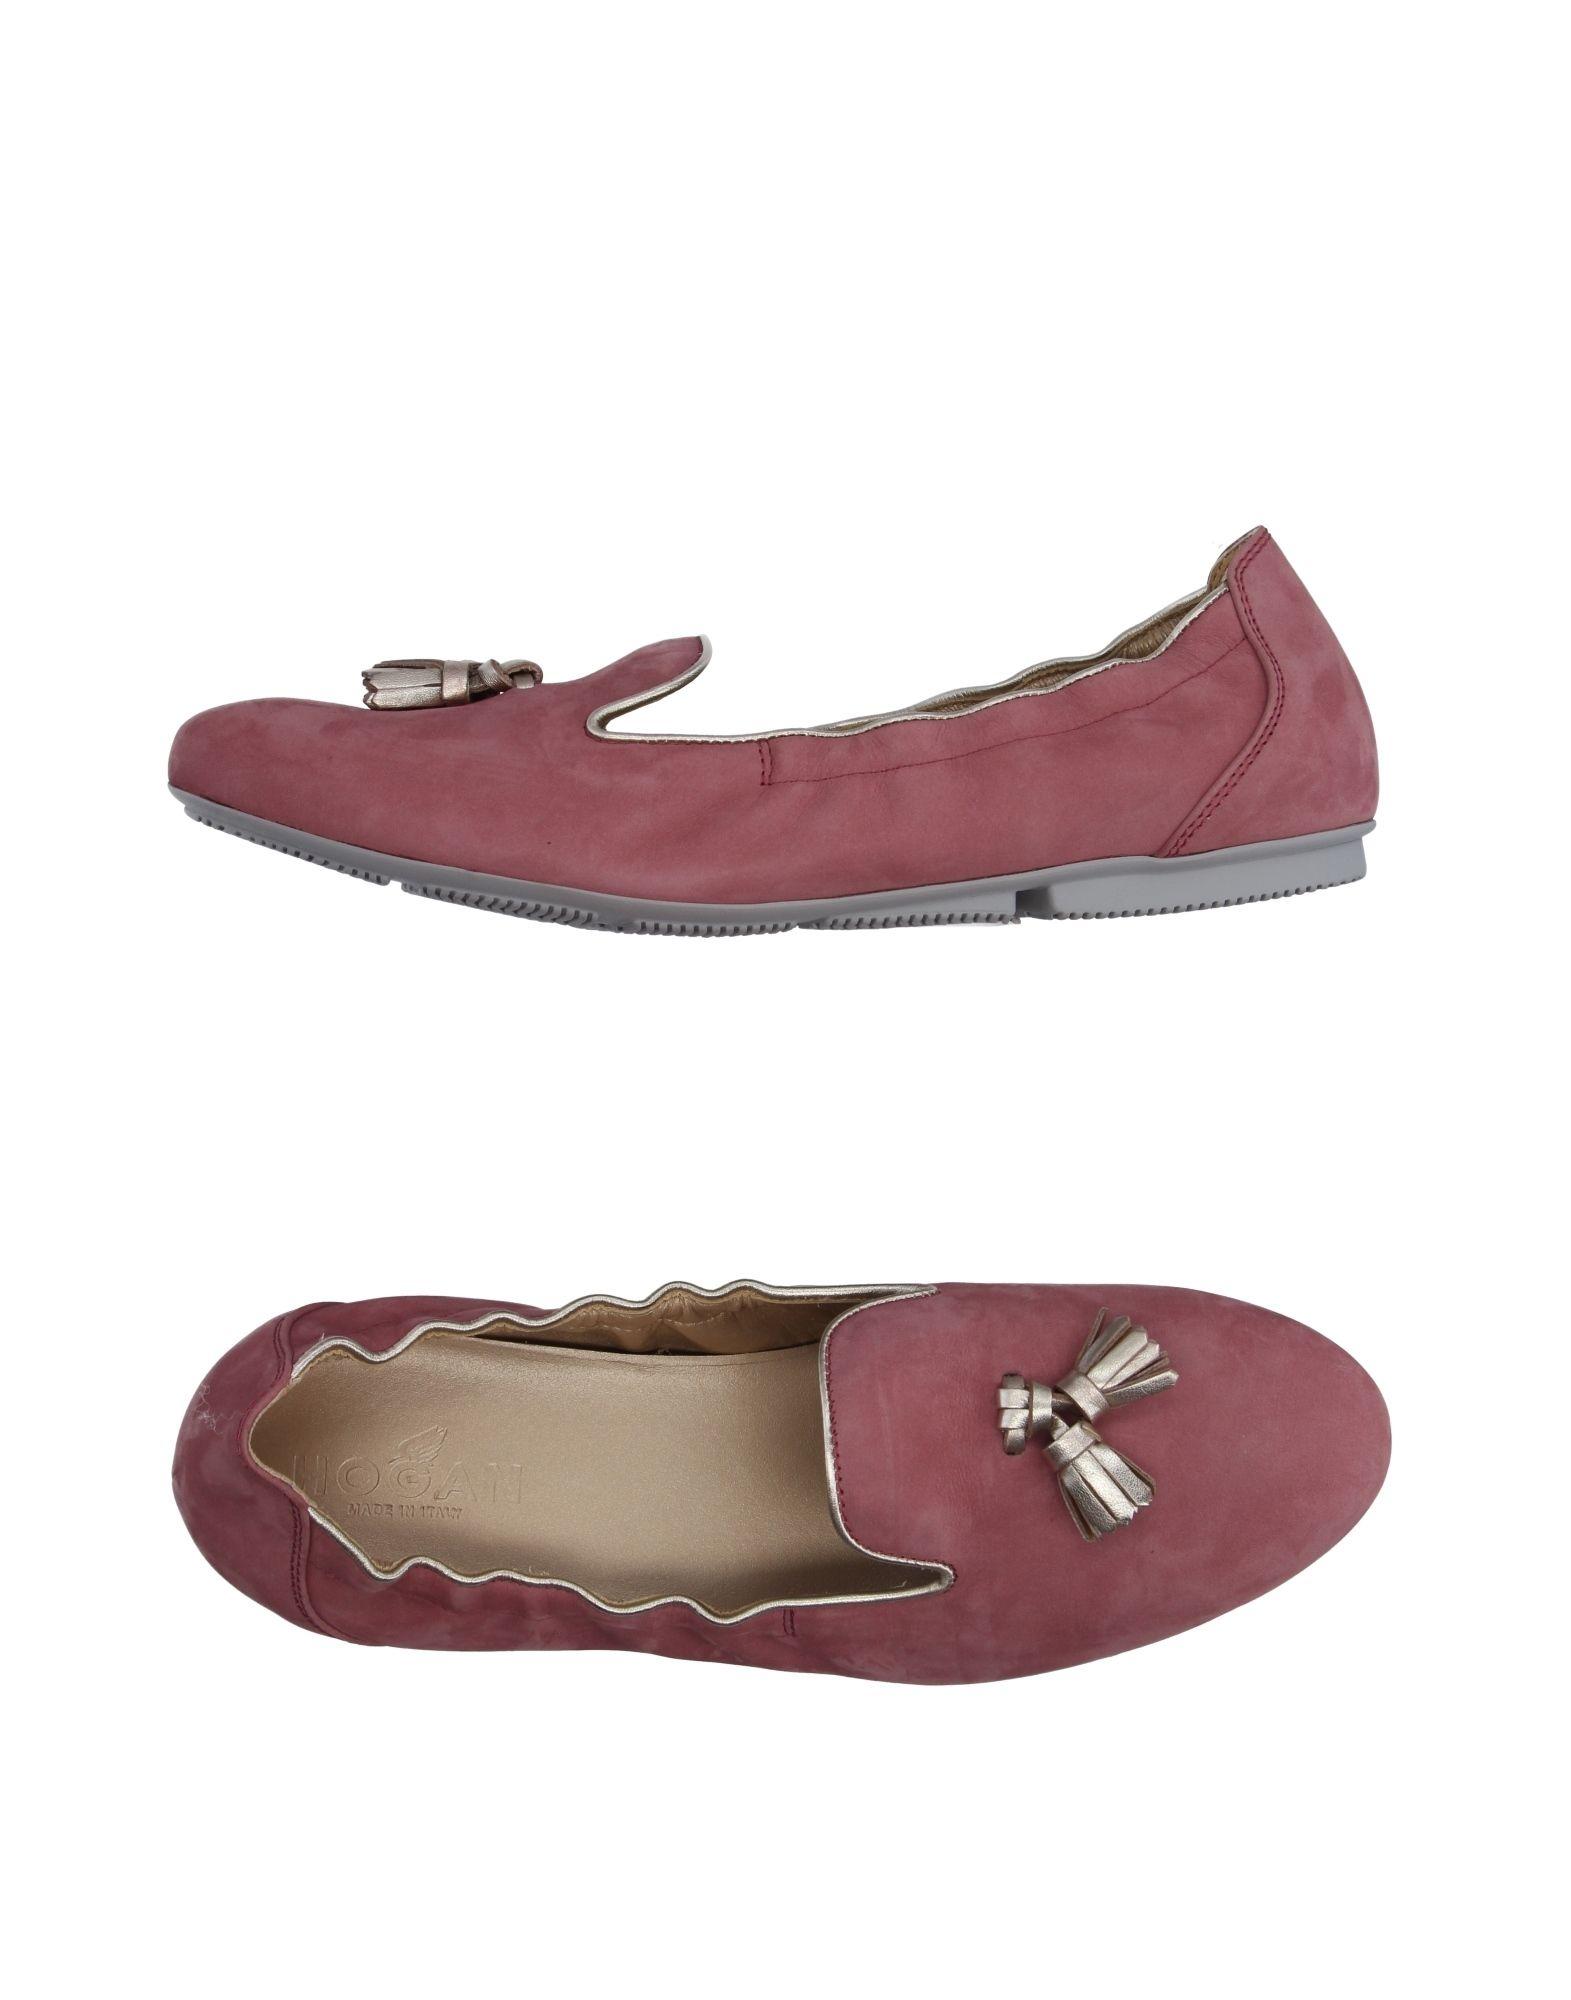 Hogan Hogan Hogan Mokassins Damen  11175608WG Gute Qualität beliebte Schuhe 5eec48